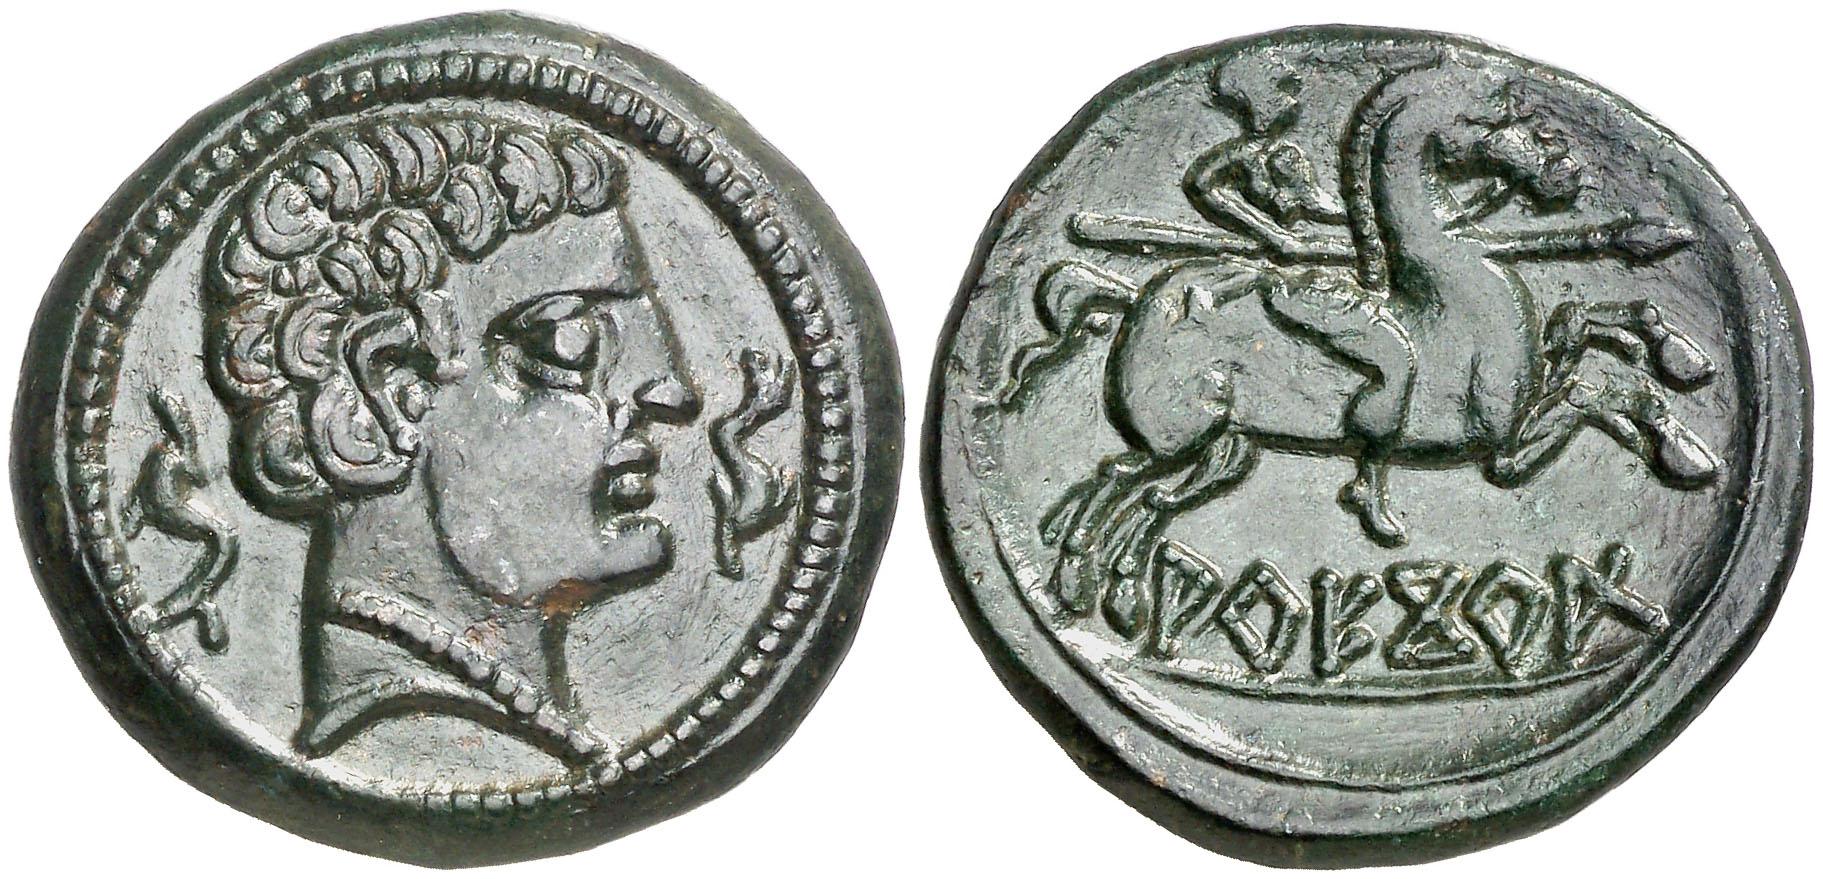 IBERCOIN 17 - 02 - 2021. Monedas ibéricas y provinciales retocadas - Página 2 0006